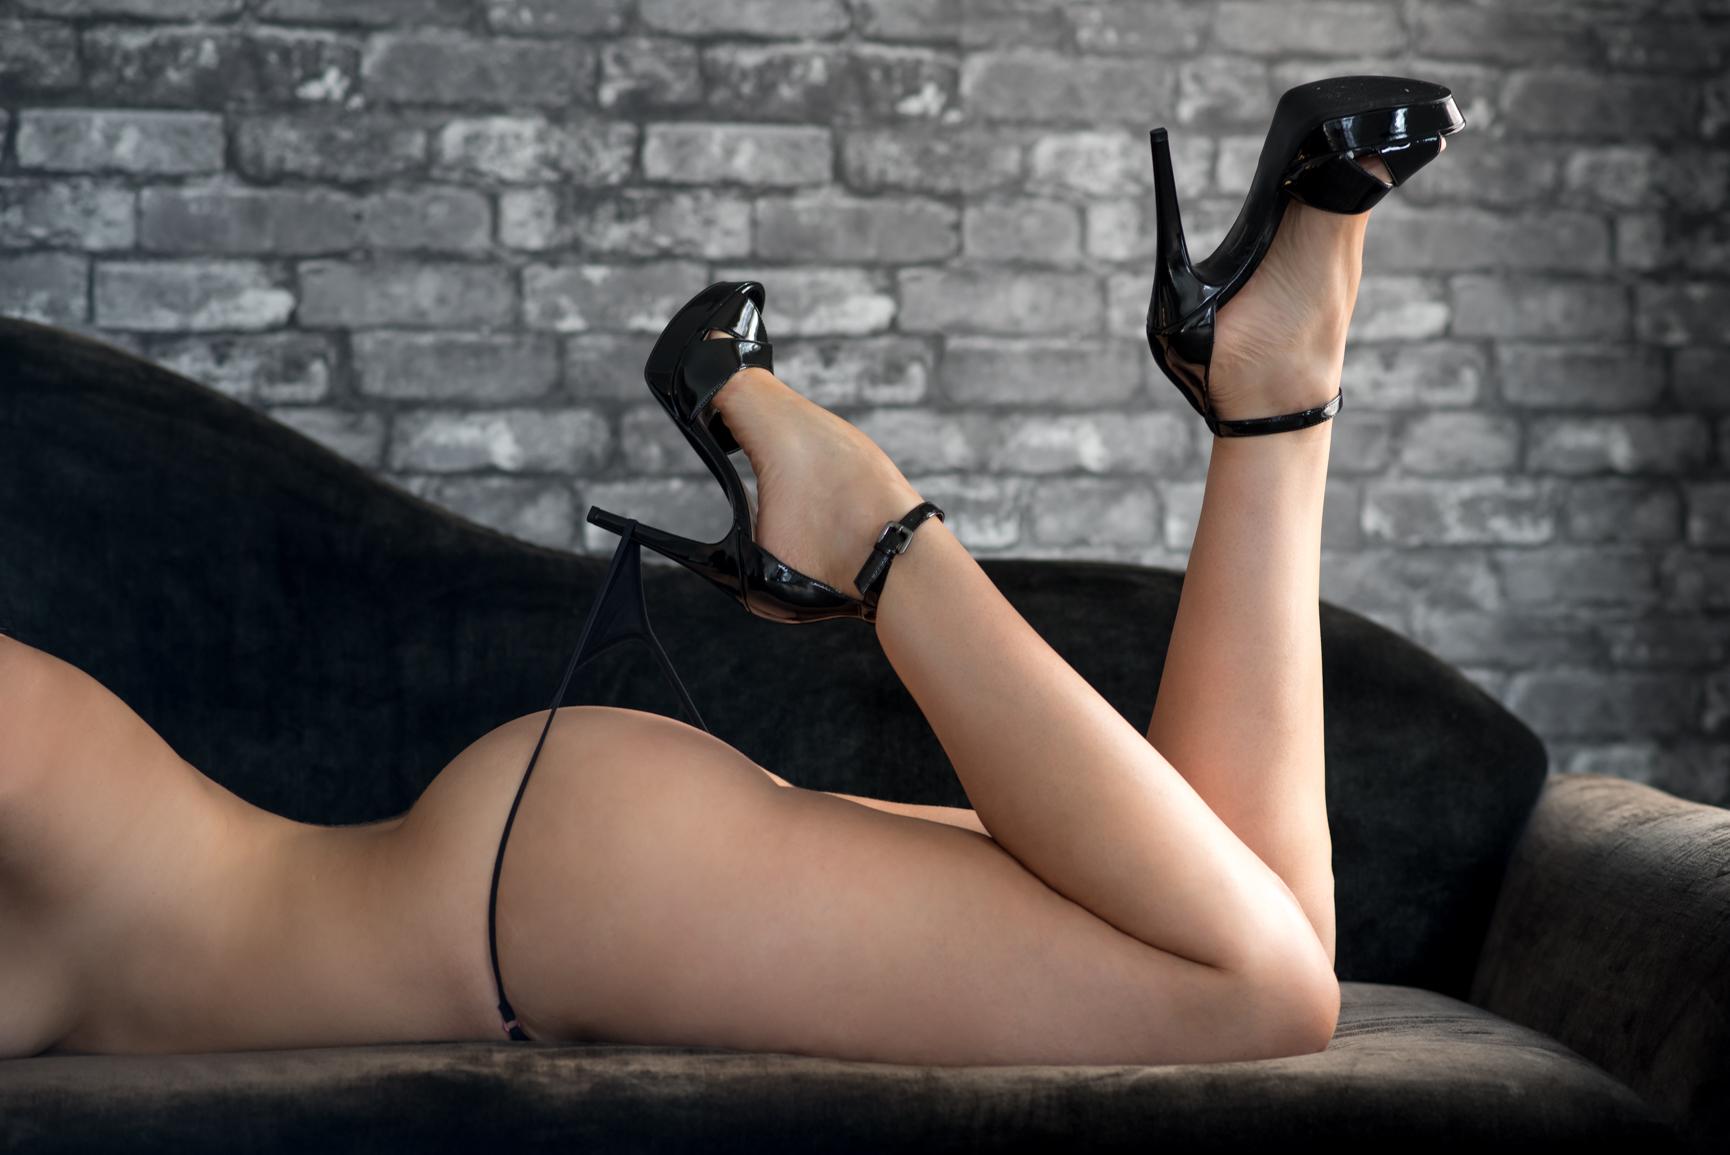 Top lingerie sites